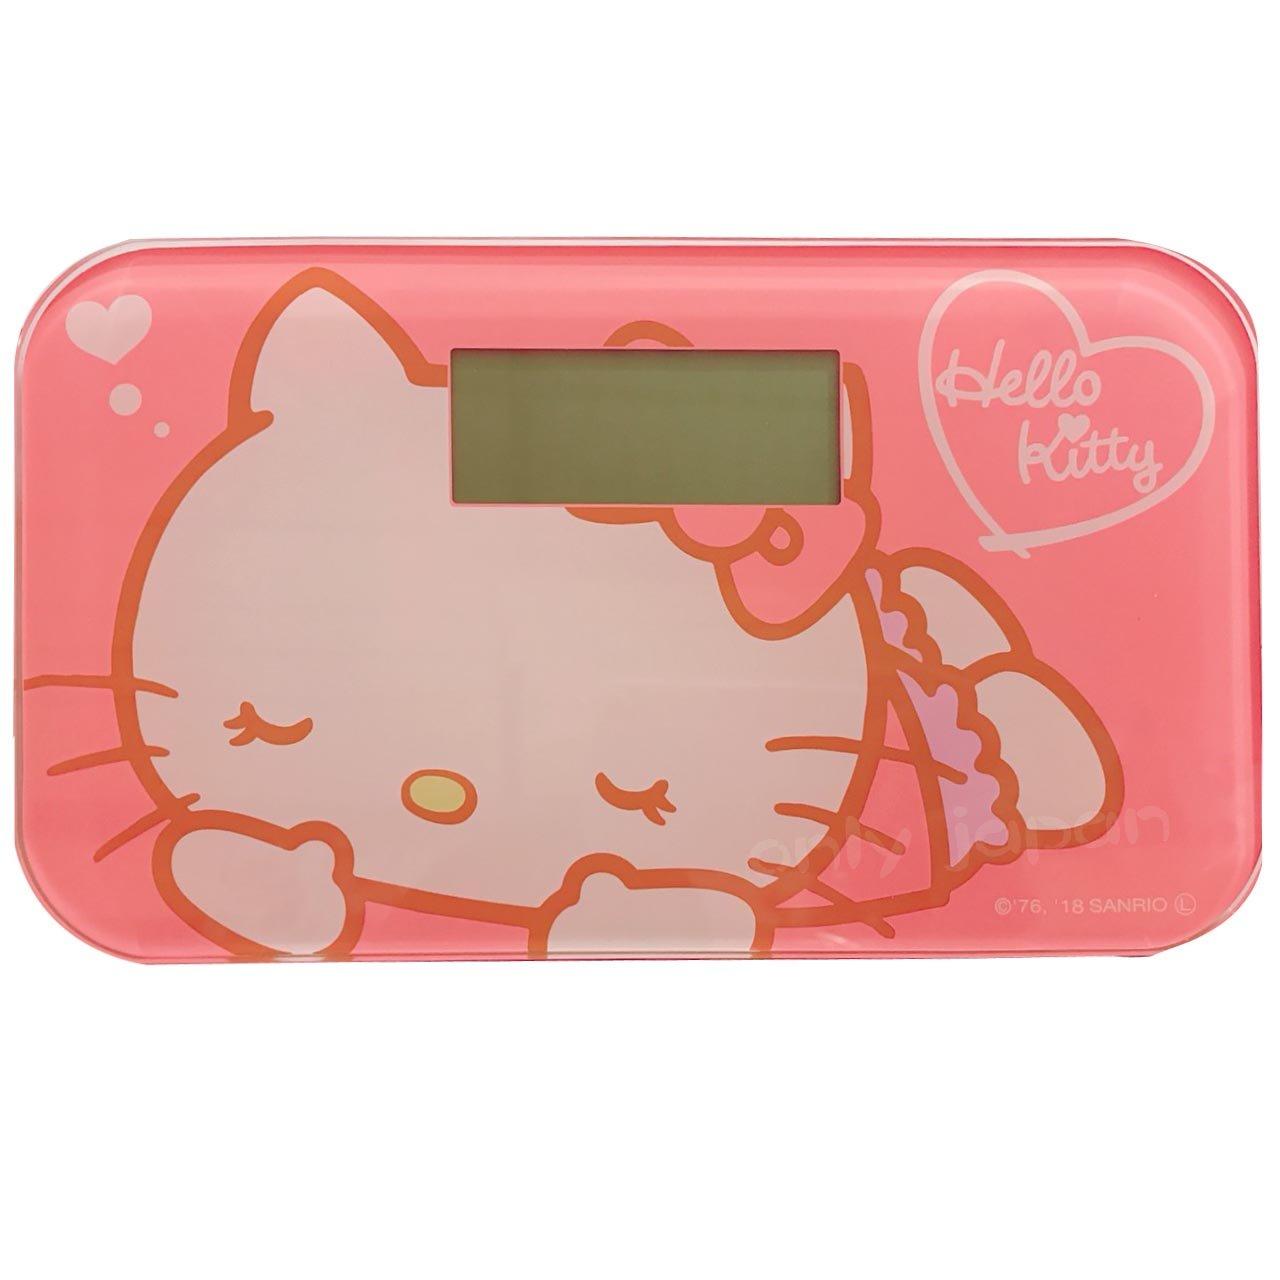 【真愛日本】18042000006 日本景品體重計-KT睡覺 kitty 凱蒂貓 體重計 體重機 日本 景品